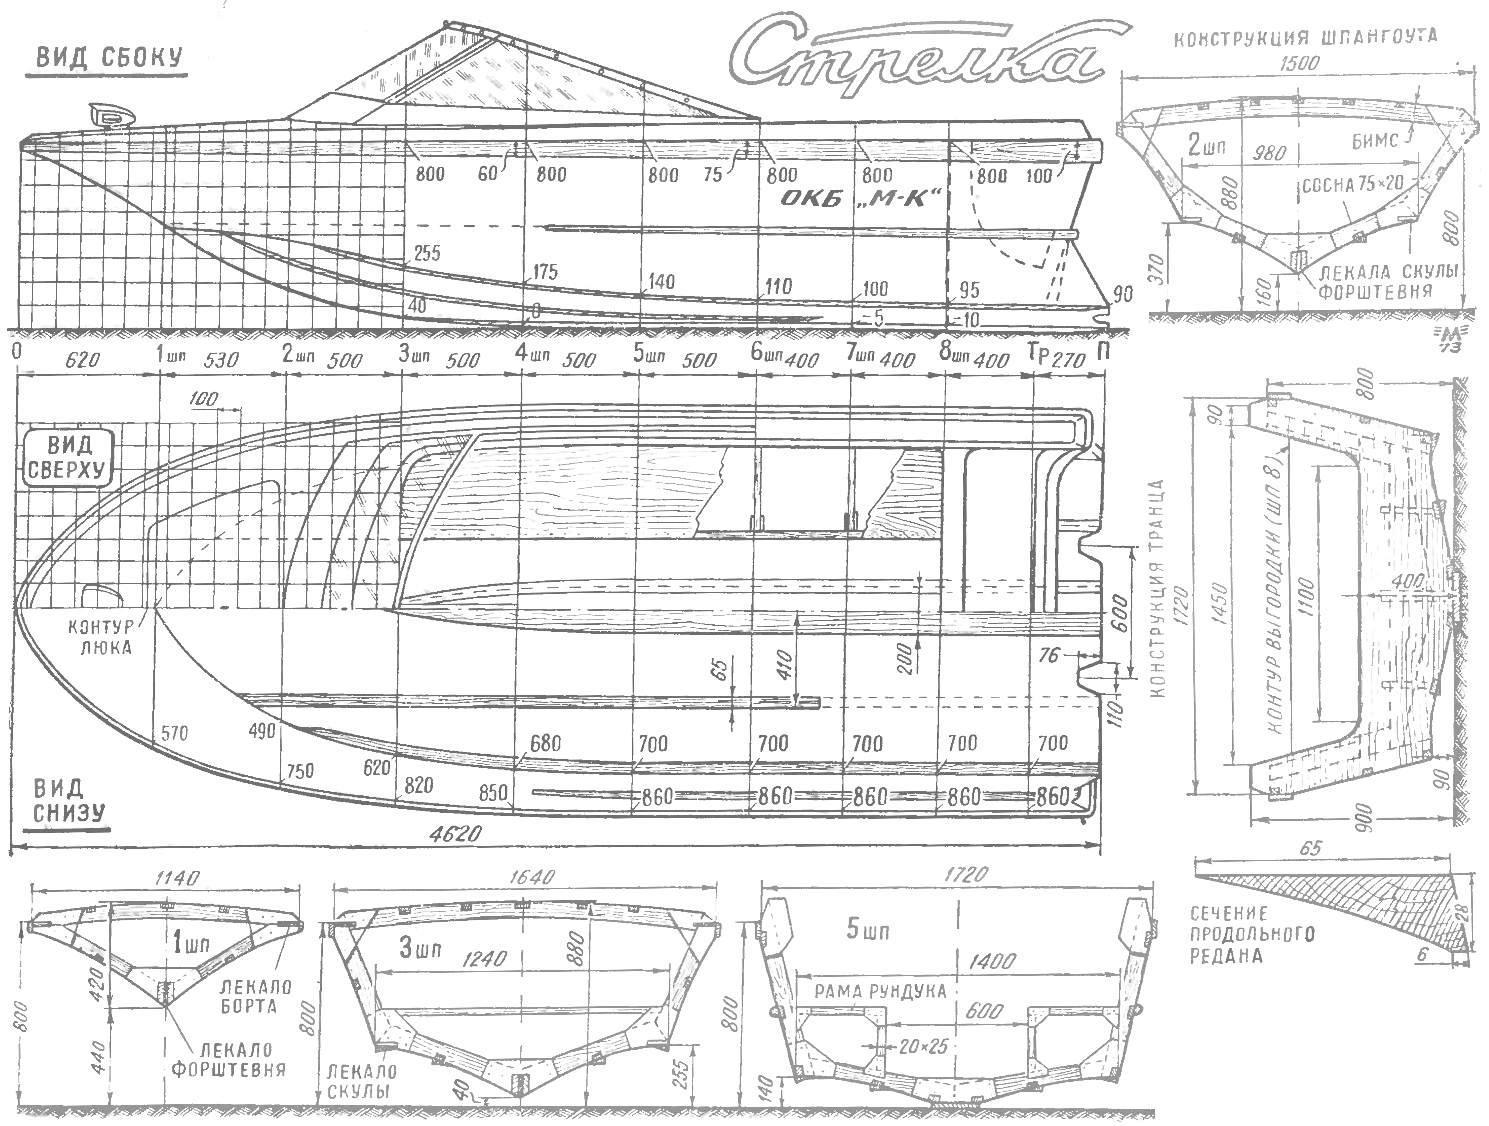 Рис. 4. Конструктивный чертеж мотолодки «Стрелка». Корпус и шпангоуты.